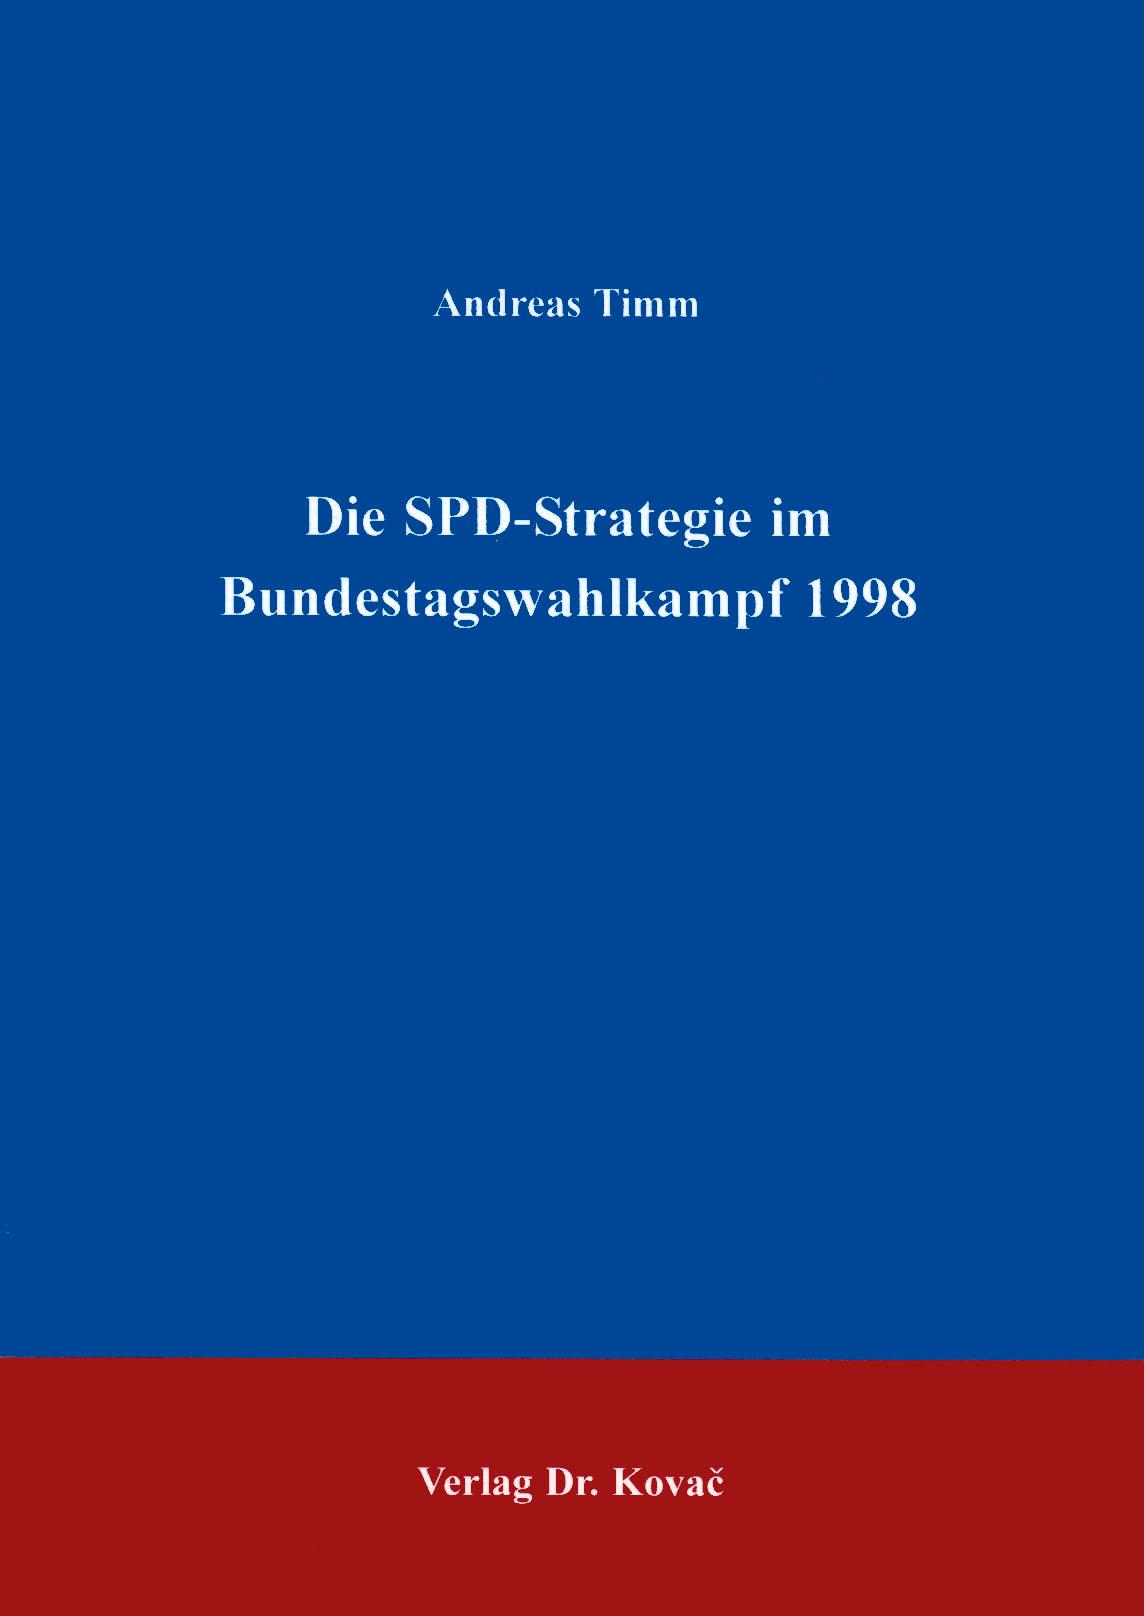 Cover: Die SPD-Strategie im Bundestagswahlkampf 1998